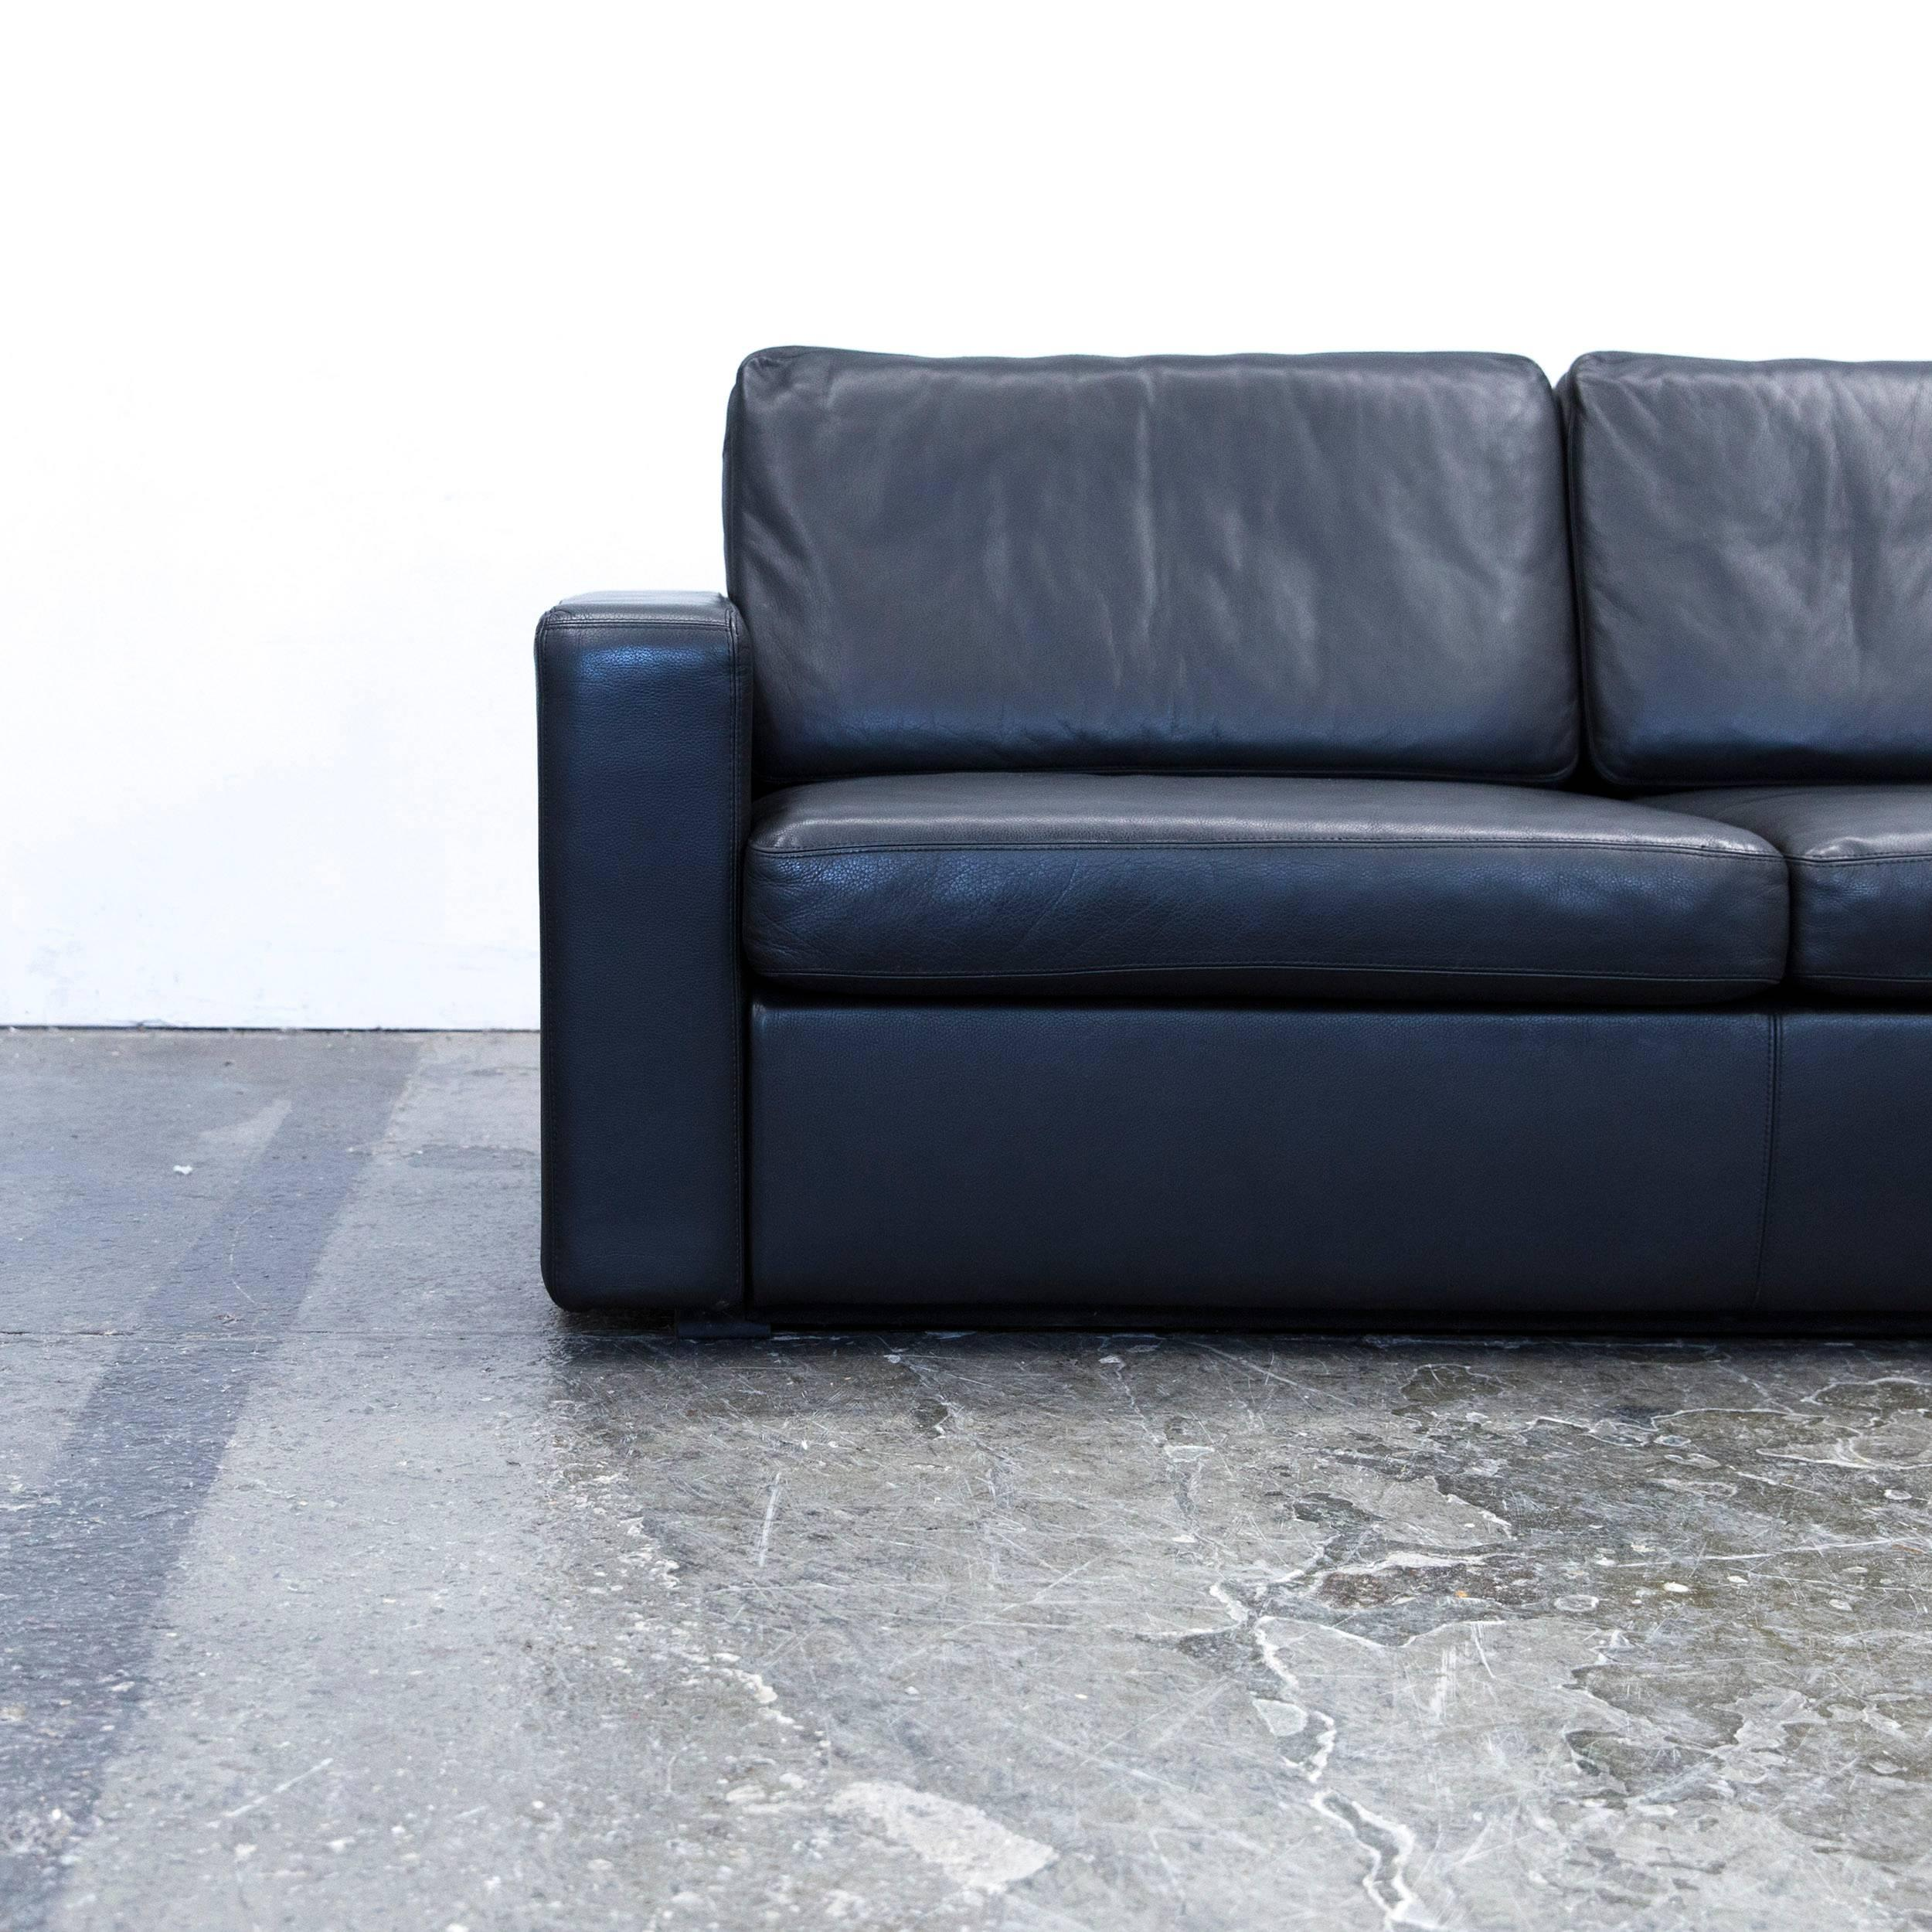 Ledersofa gebraucht good full size of gebrauchte sofas for Gebrauchte couch